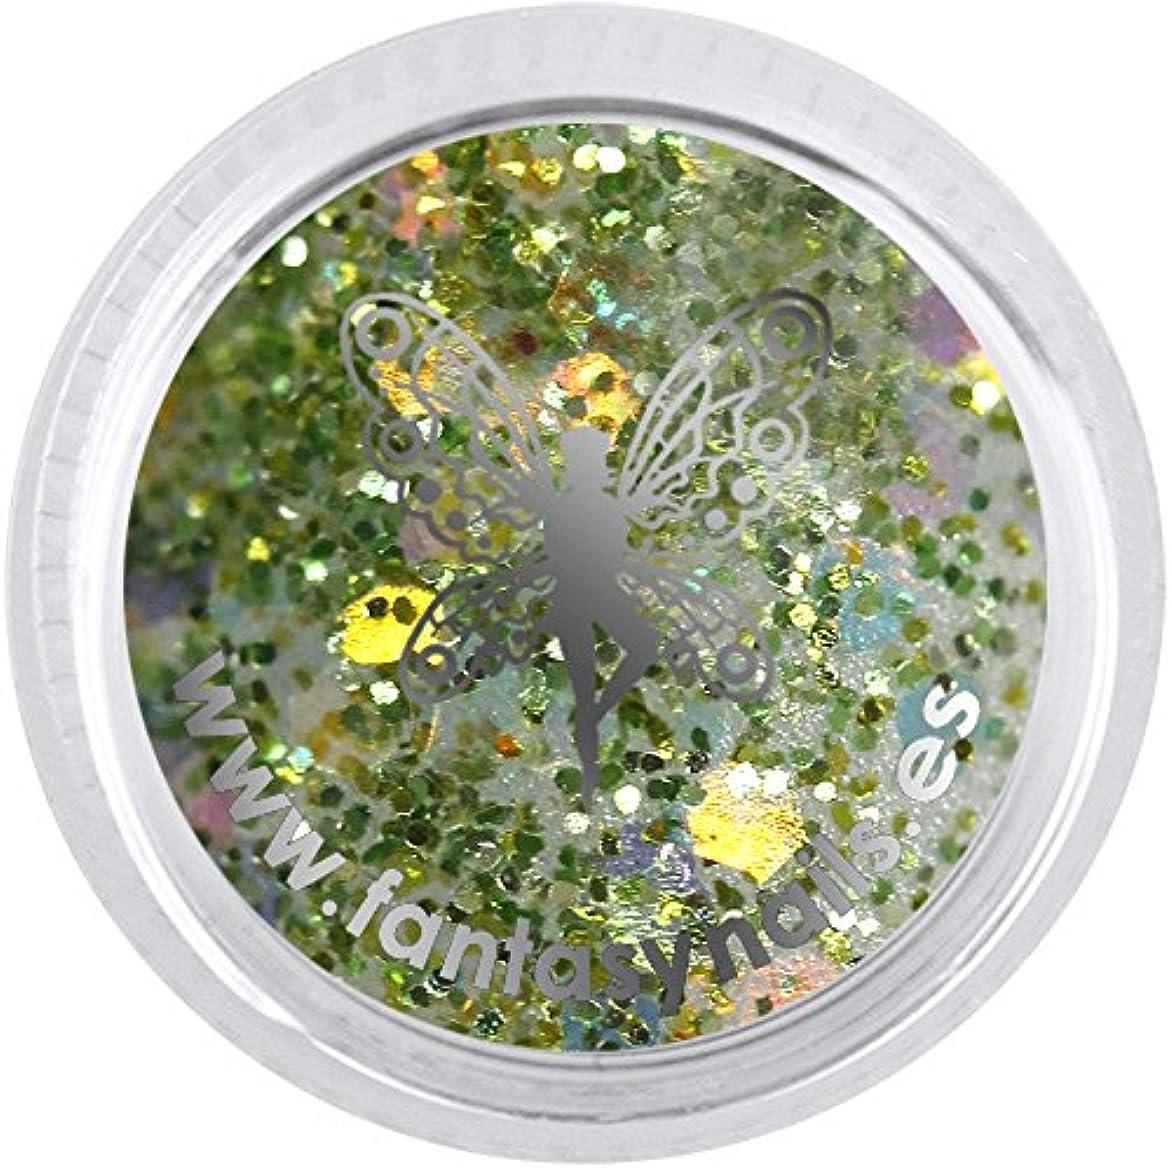 発生見出しシダFANTASY NAIL トウキョウコレクション 3g 4226XS カラーパウダー アート材